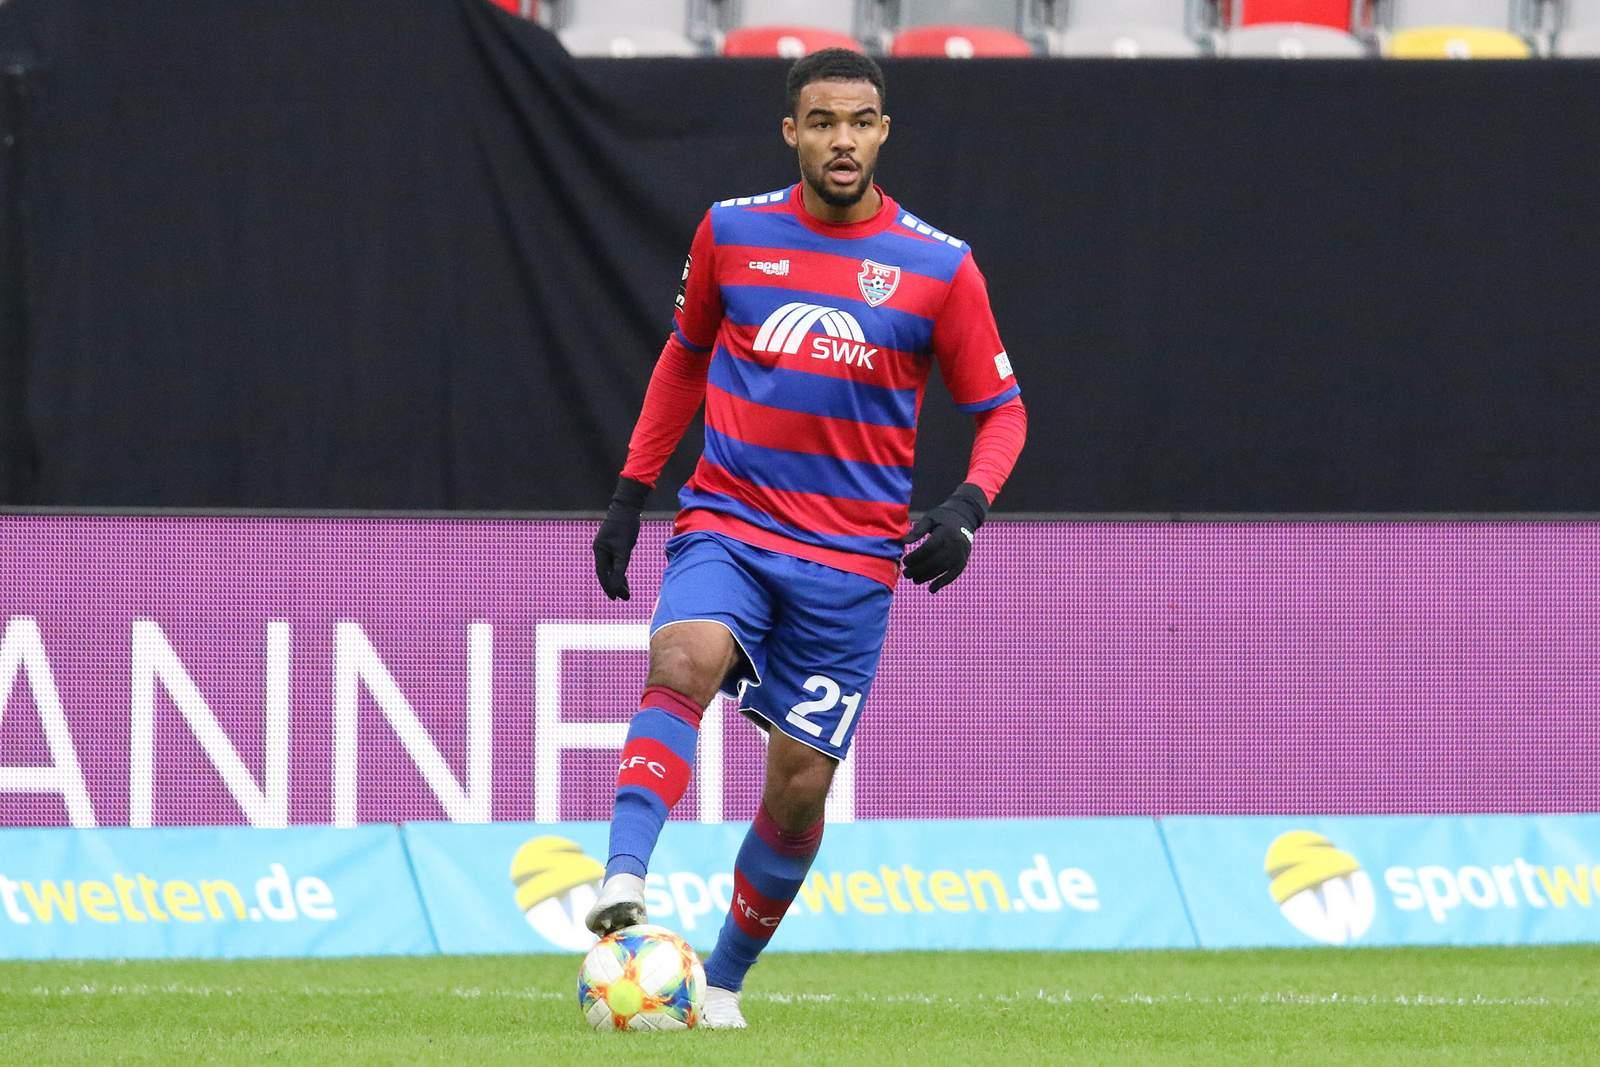 Jean-Manuel Mbom im Spiel gegen Kaiserslautern.